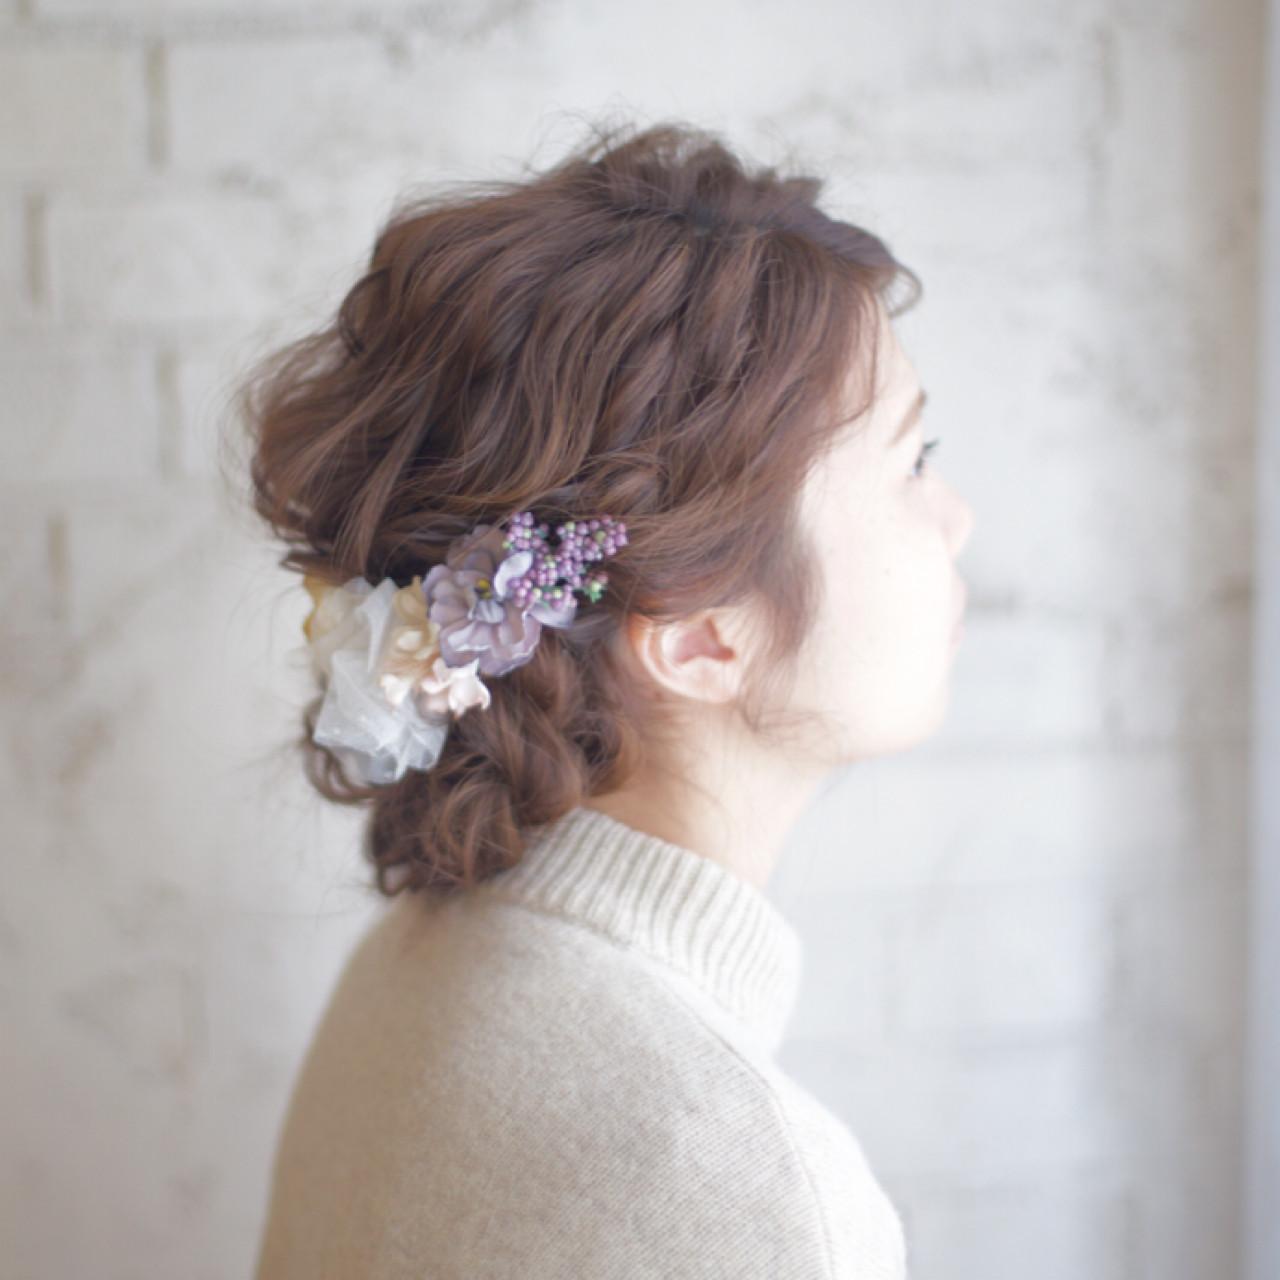 簡単ヘアアレンジ セミロング 大人かわいい 結婚式 ヘアスタイルや髪型の写真・画像 | 谷本将太 nalu hair / nalu hair  (ナルーヘアー)